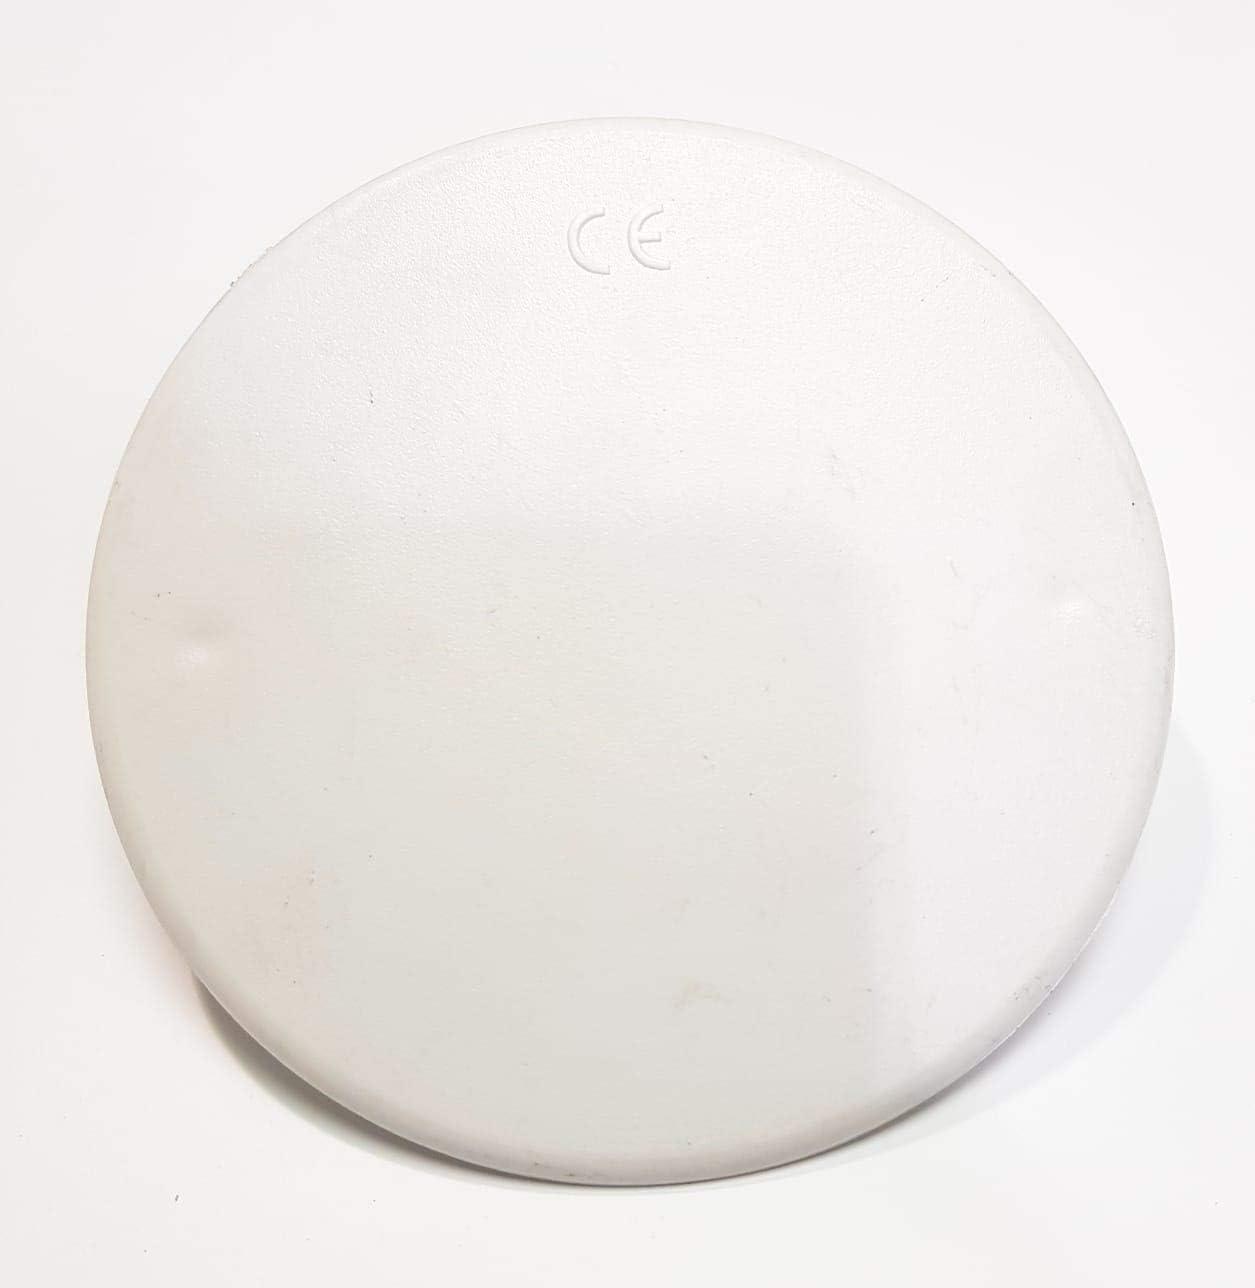 Solera 15 - Tapa con garra metálica D100.para cajas de empalme y derivación: Amazon.es: Bricolaje y herramientas